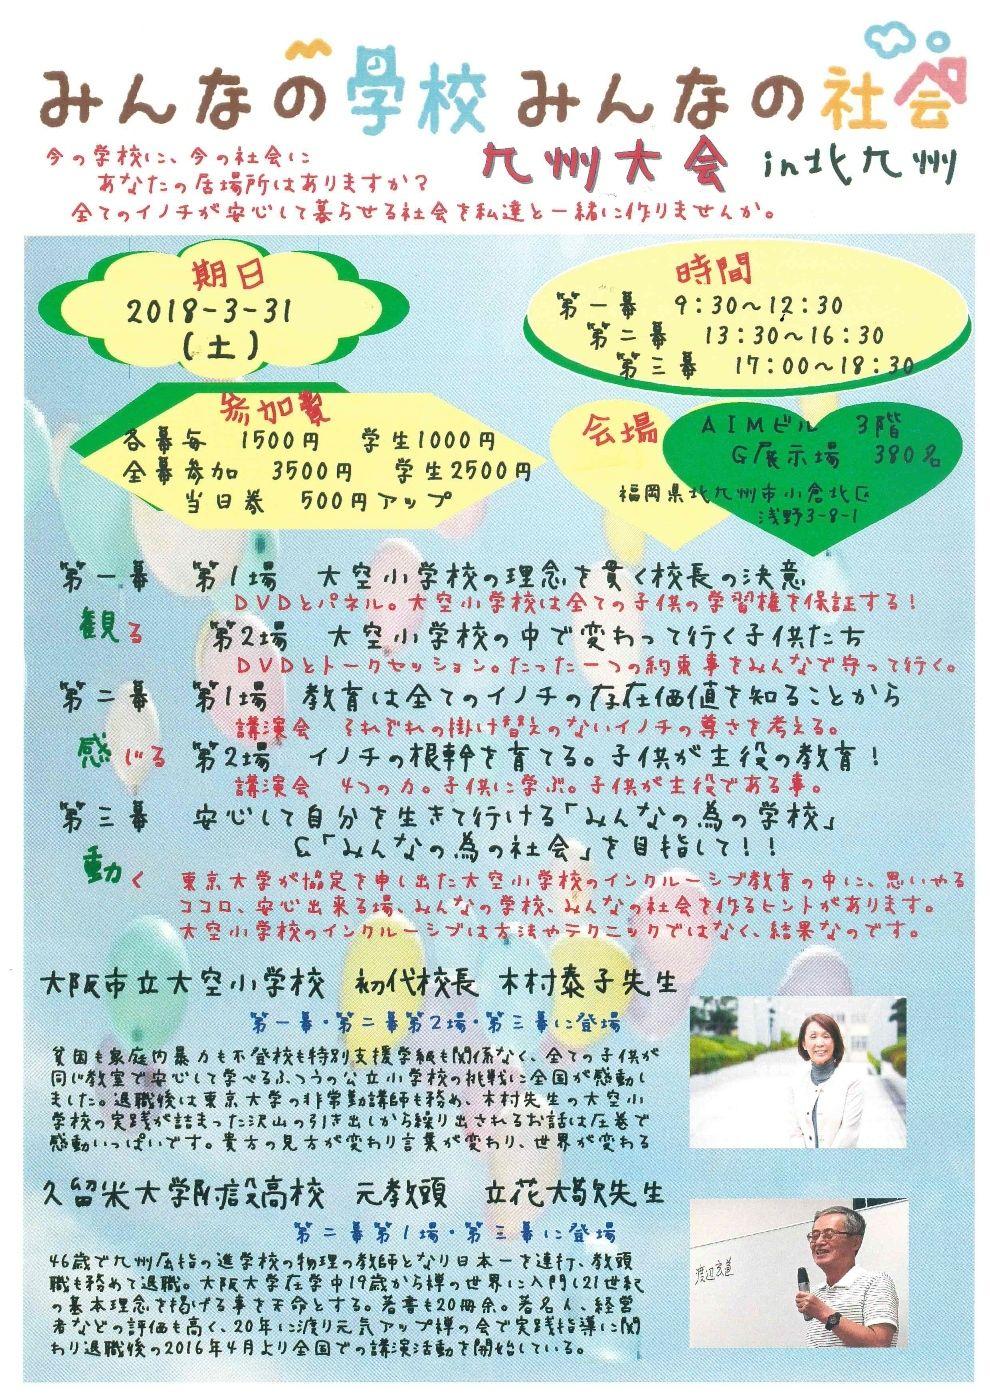 第三幕 みんなの学校 みんなの社会 九州大会 in北九州